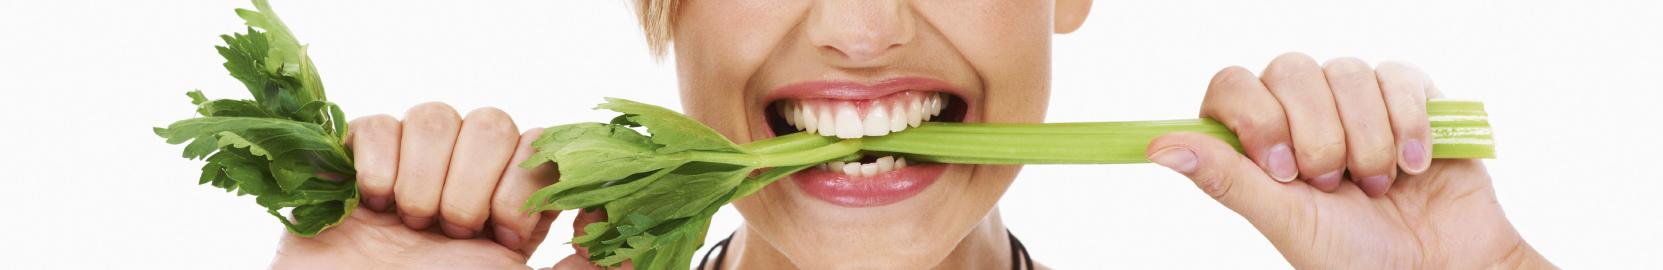 Slider control de apetito verduras